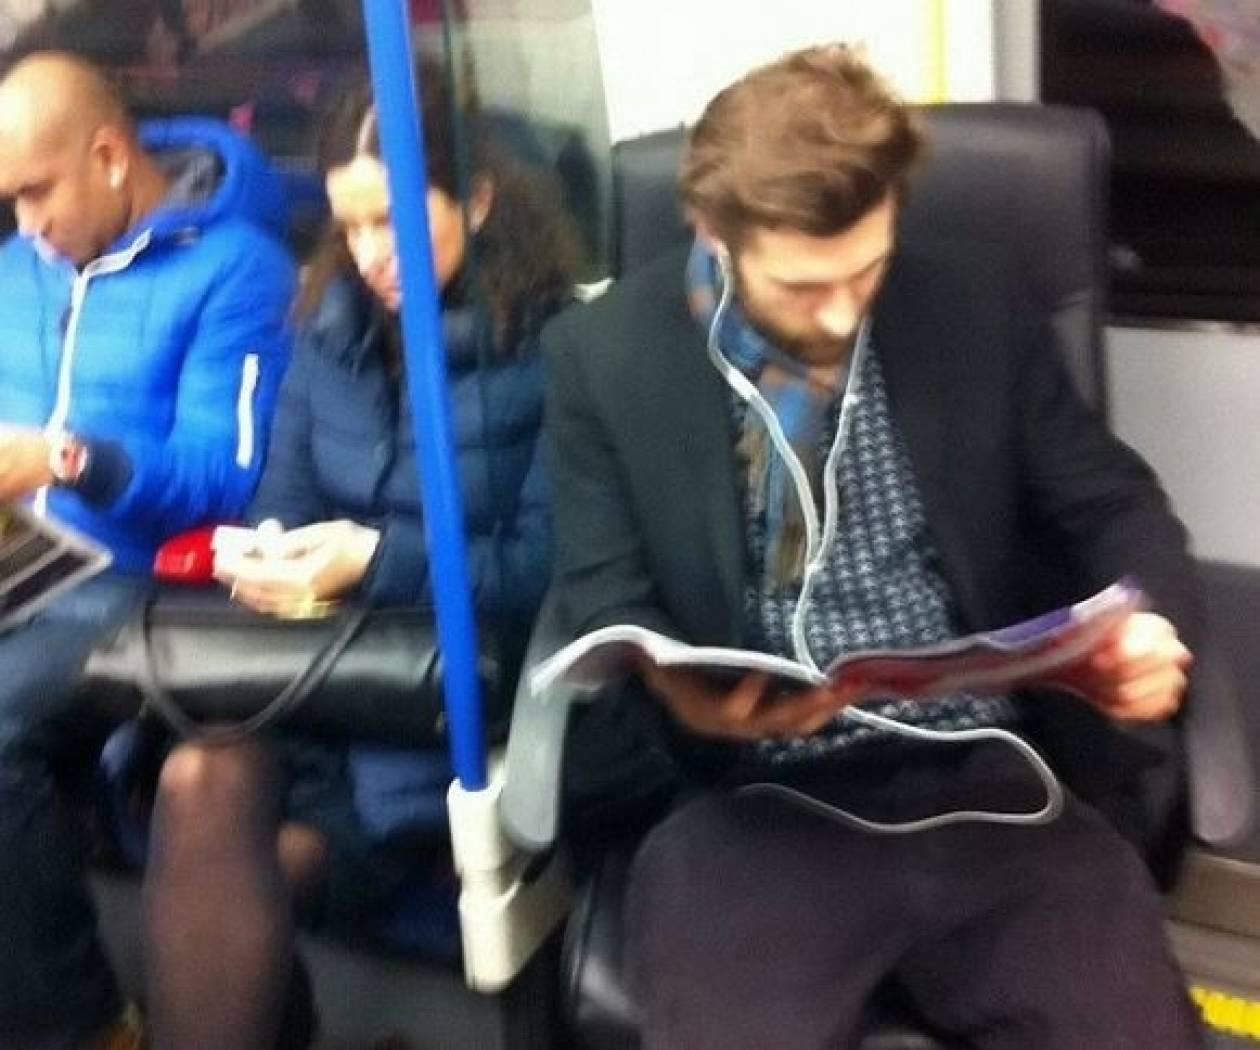 ΕΓΙΝΕ ΚΙ ΑΥΤΟ-Δεν έβρισκε θέση στο μετρό και πήρε μαζί την καρέκλα του